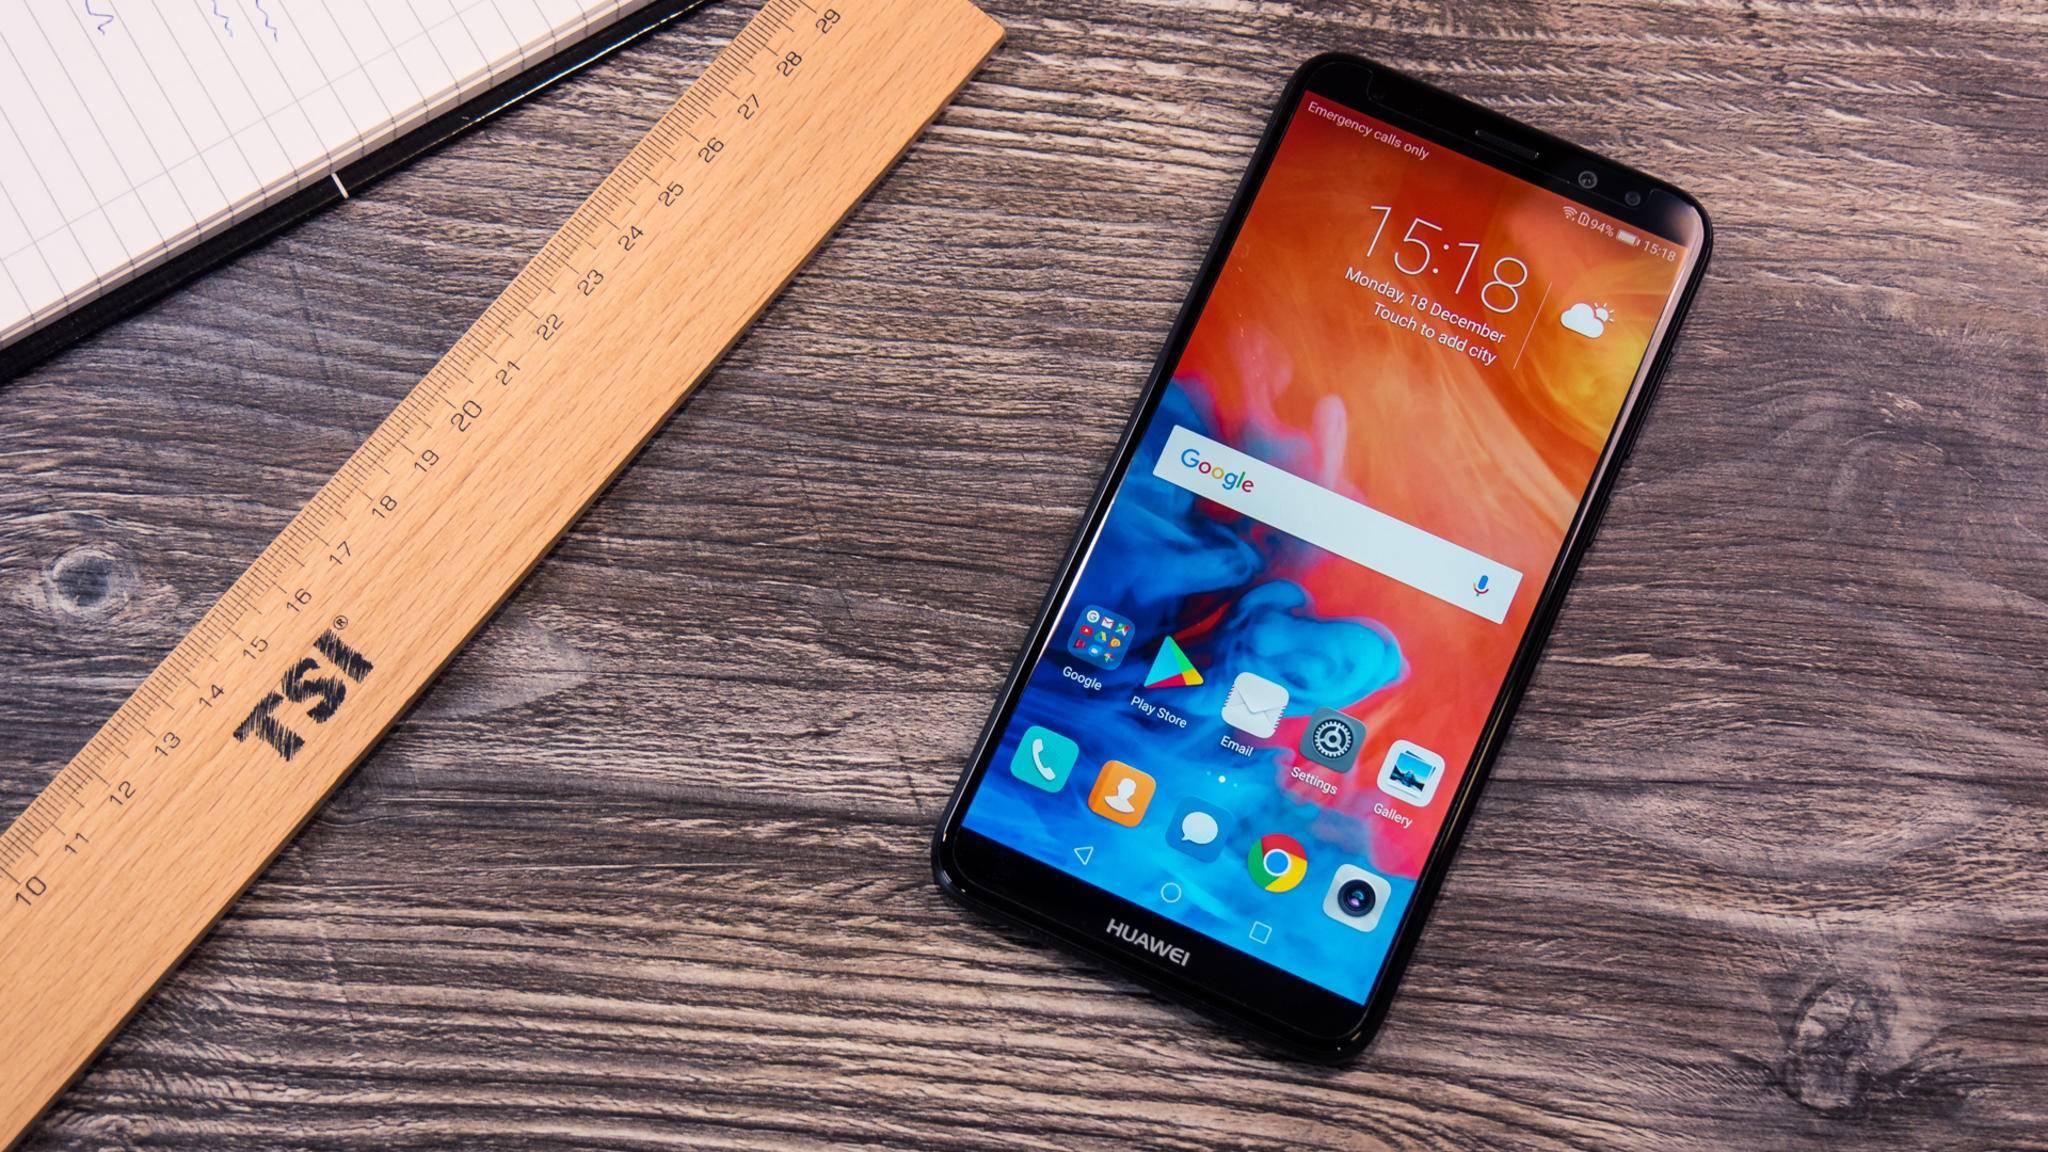 Das Huawei Mate 10 Lite möchte eine günstigere Alternative zum Flaggschiff Mate 10 Plus darstellen.